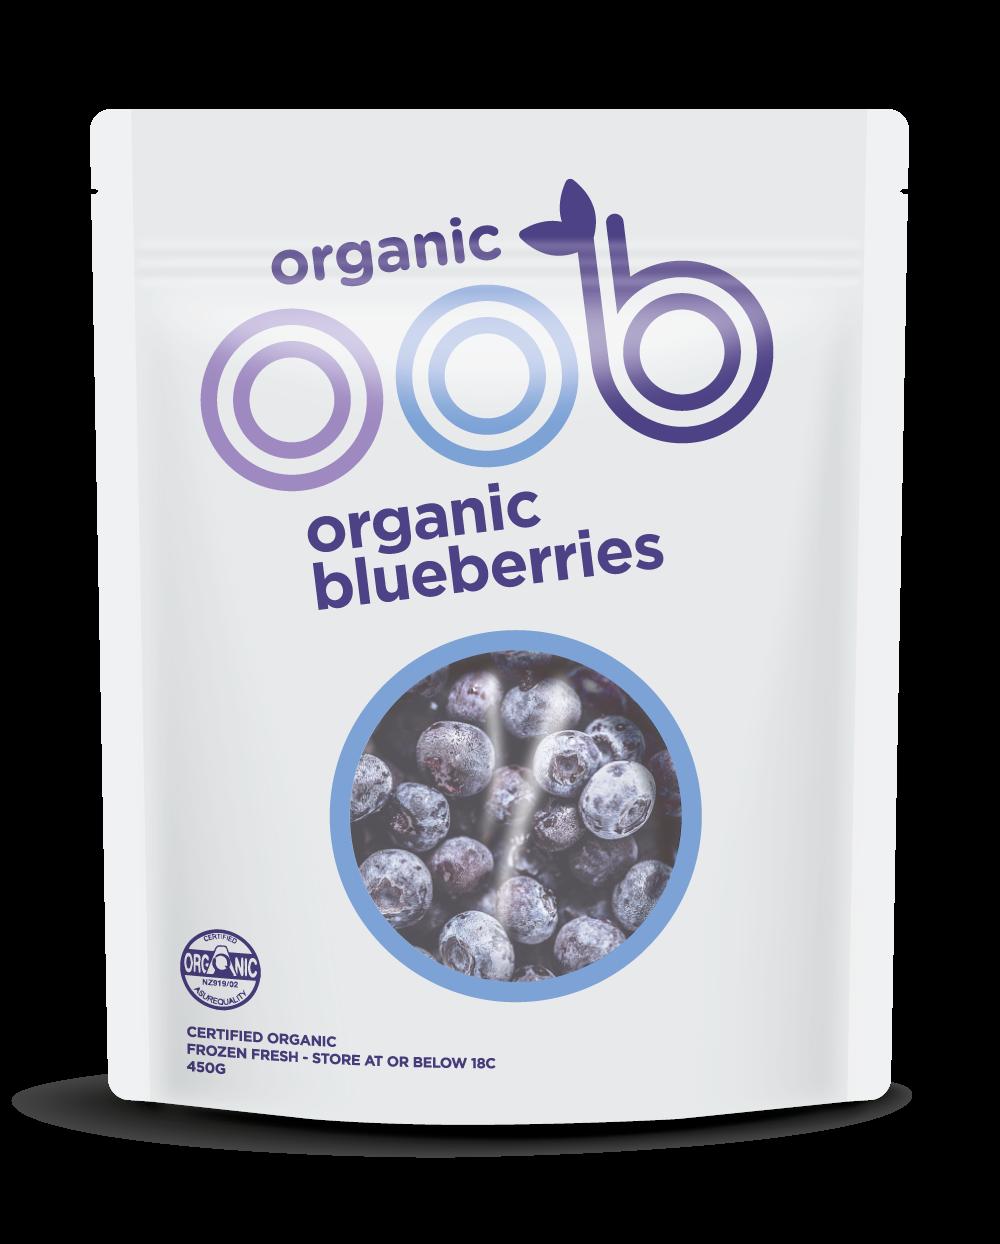 33845-OOB-Single-Fruit-Range-Blueberries-Mockup.png